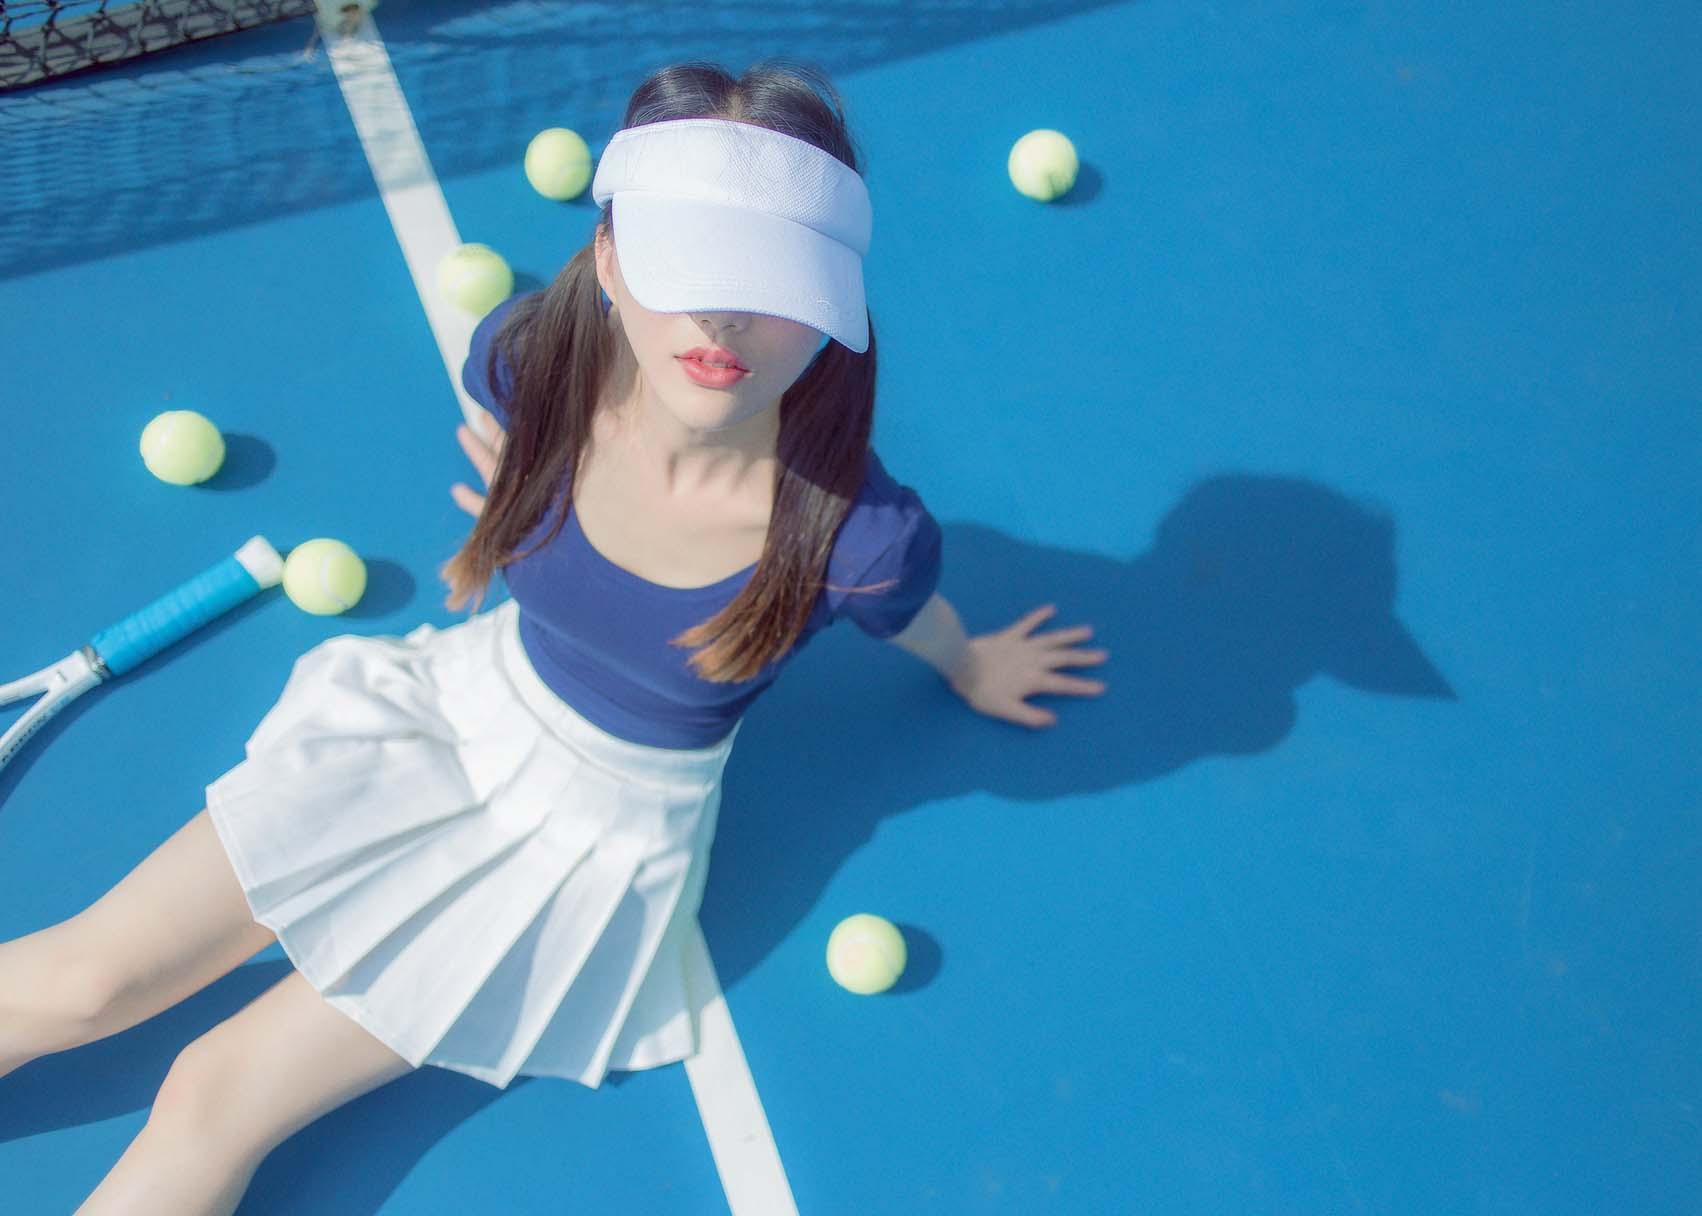 正妹小恩 - 网球写真 [32P374MB]